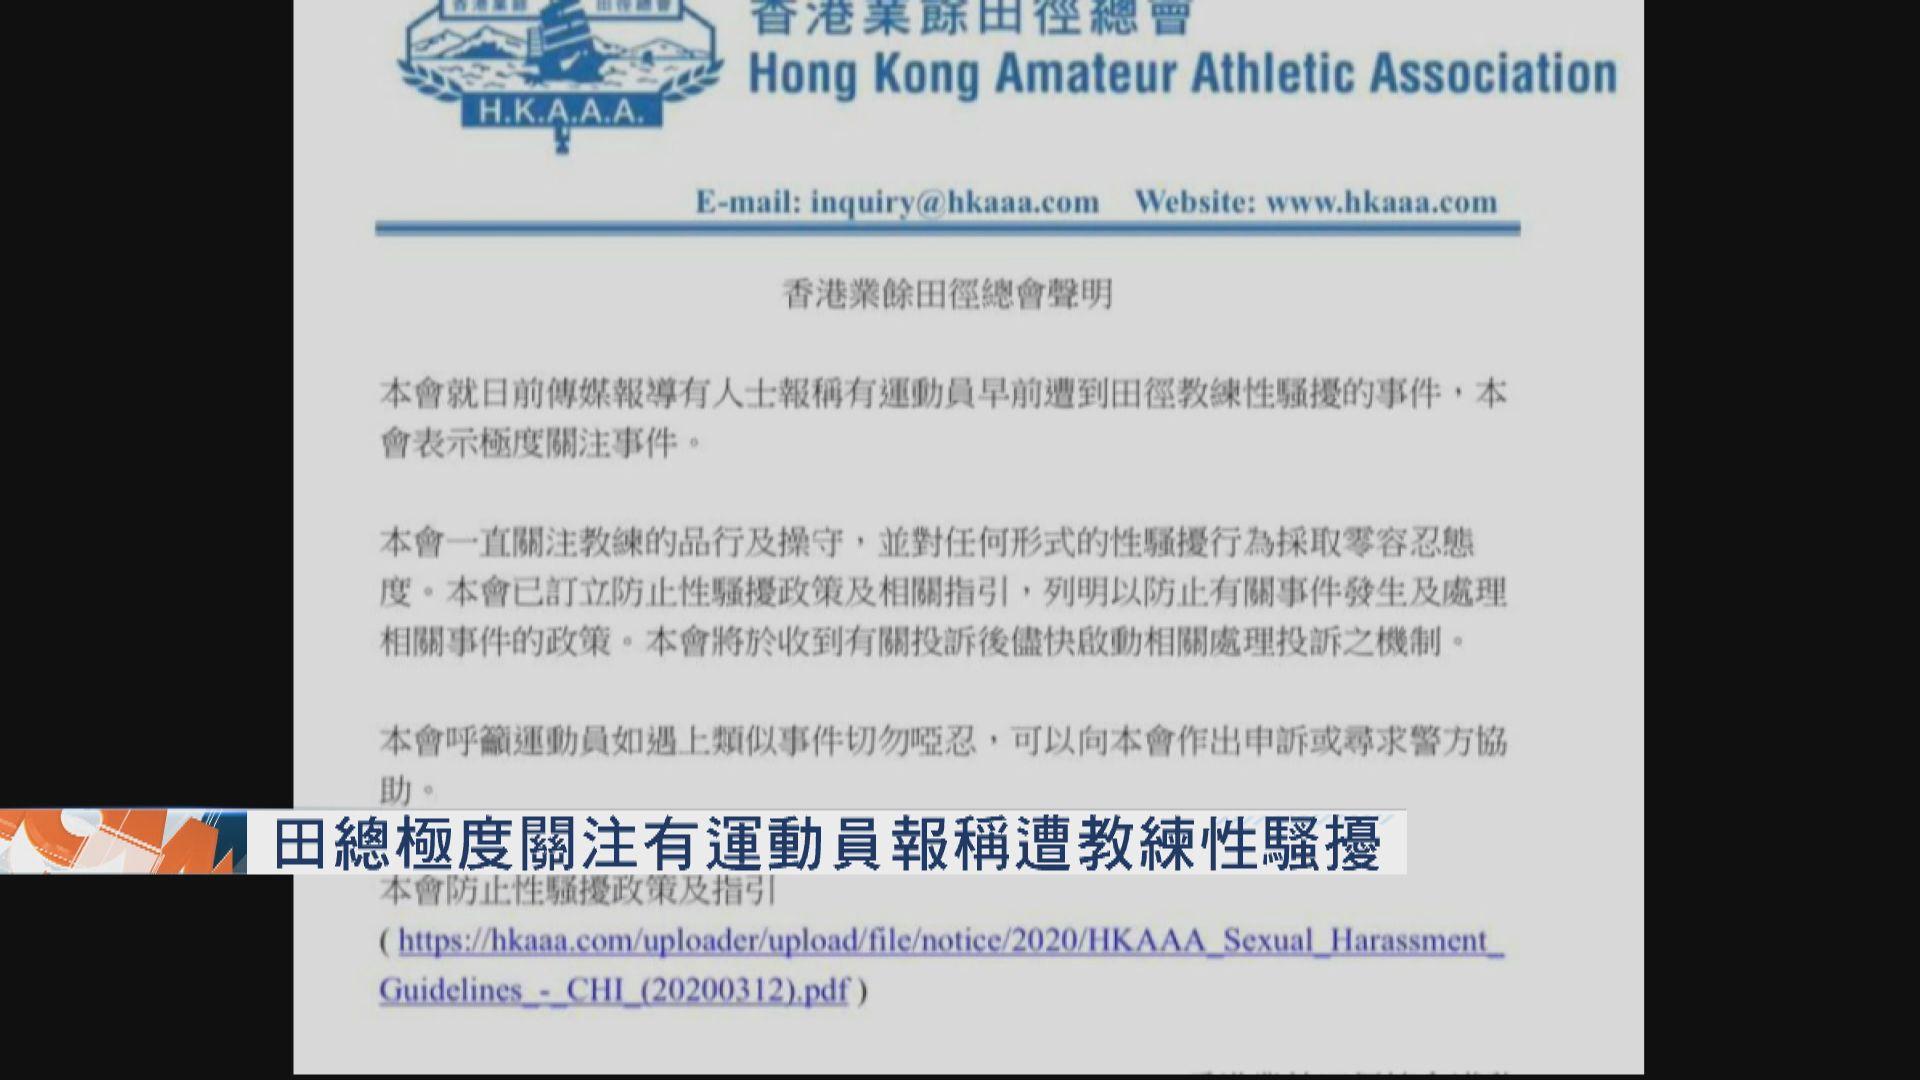 田總極度關注有運動員報稱遭教練性騷擾